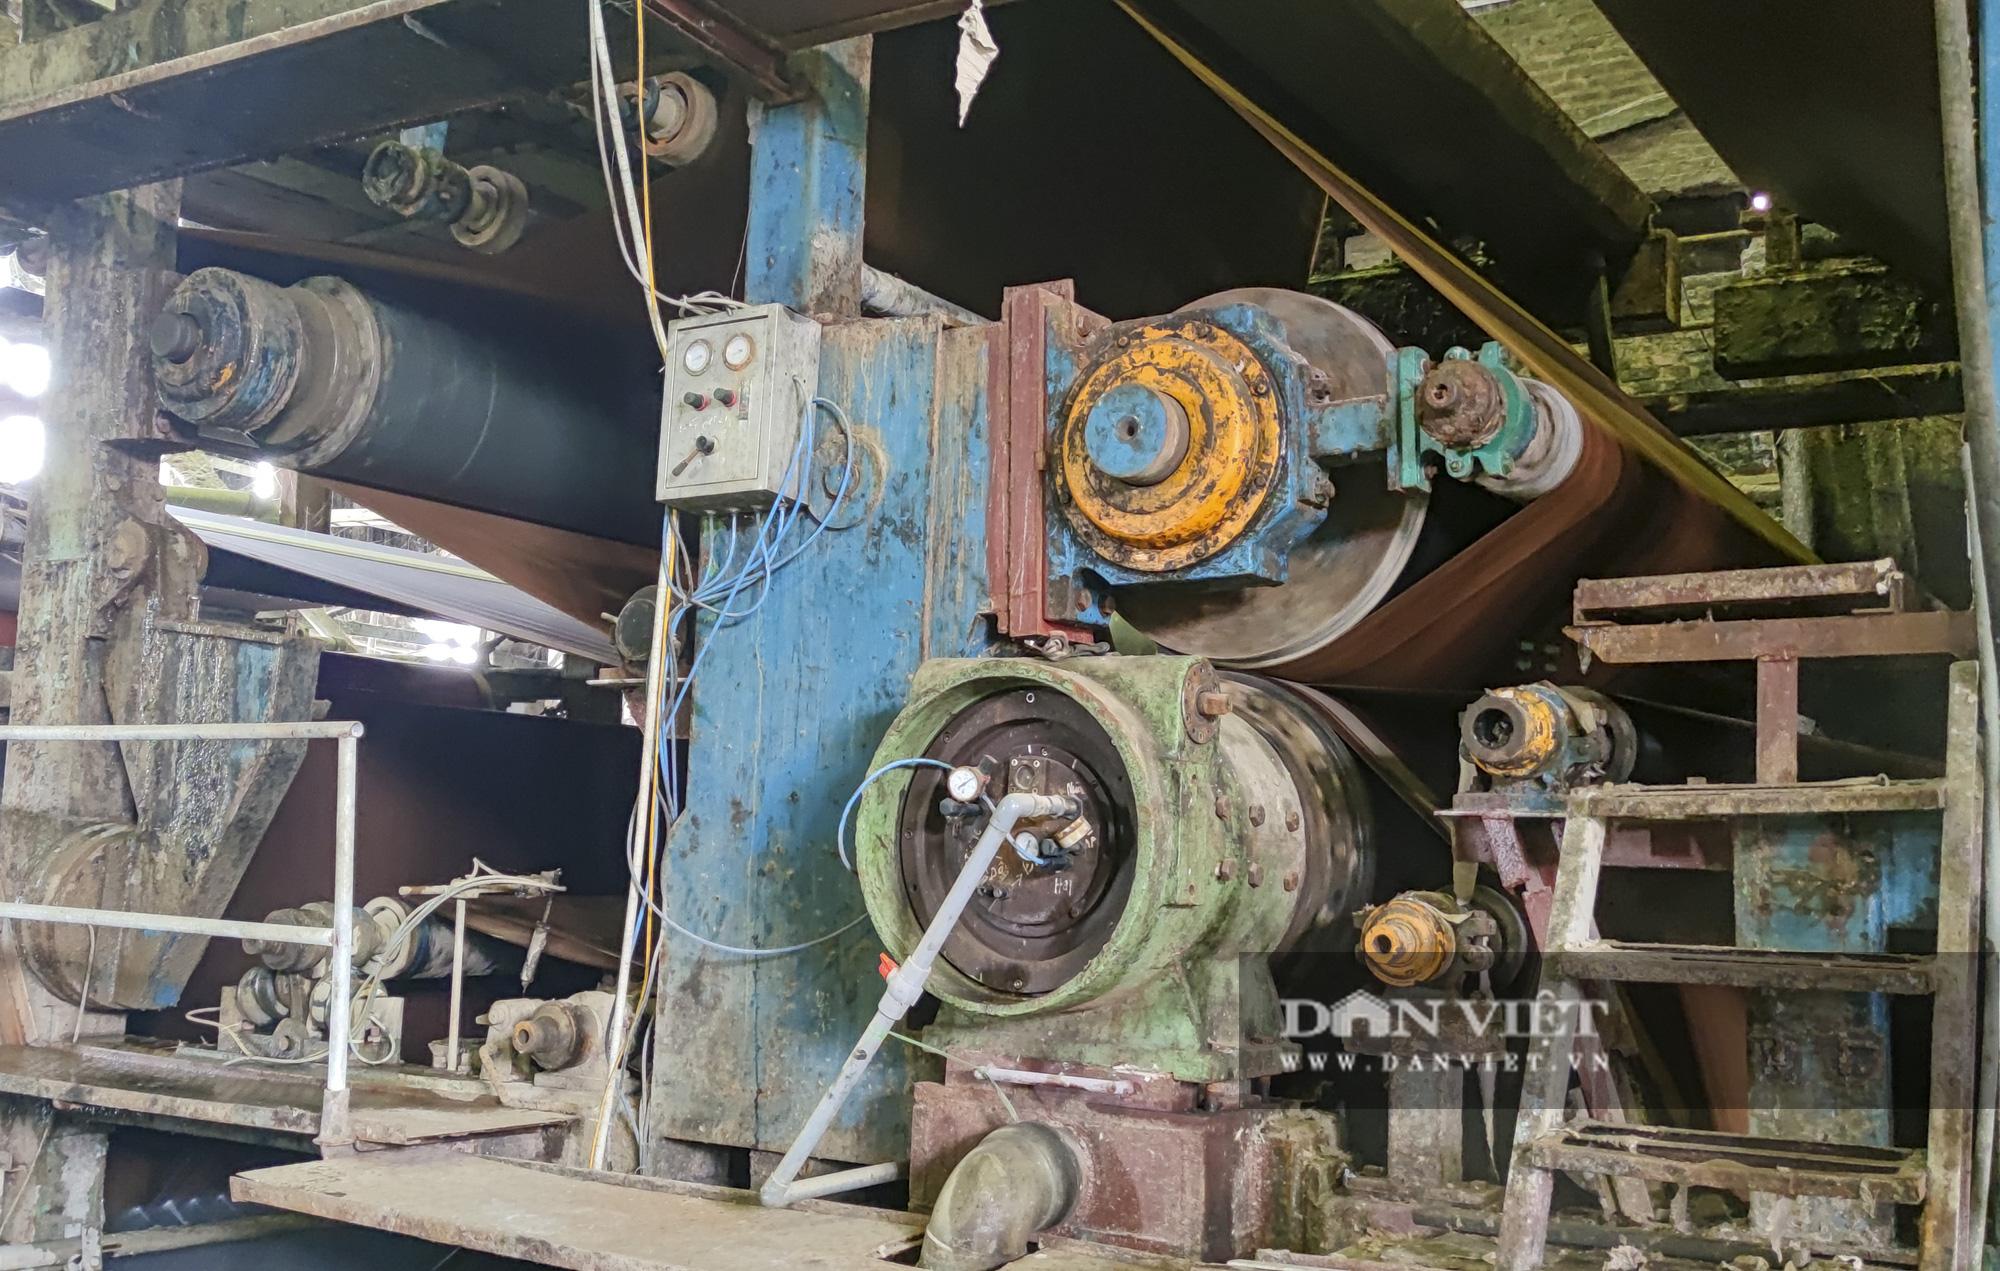 Kinh hãi bên trong nhà máy sản xuất giấy vừa bị đình chỉ ở Phong Khê - Ảnh 3.